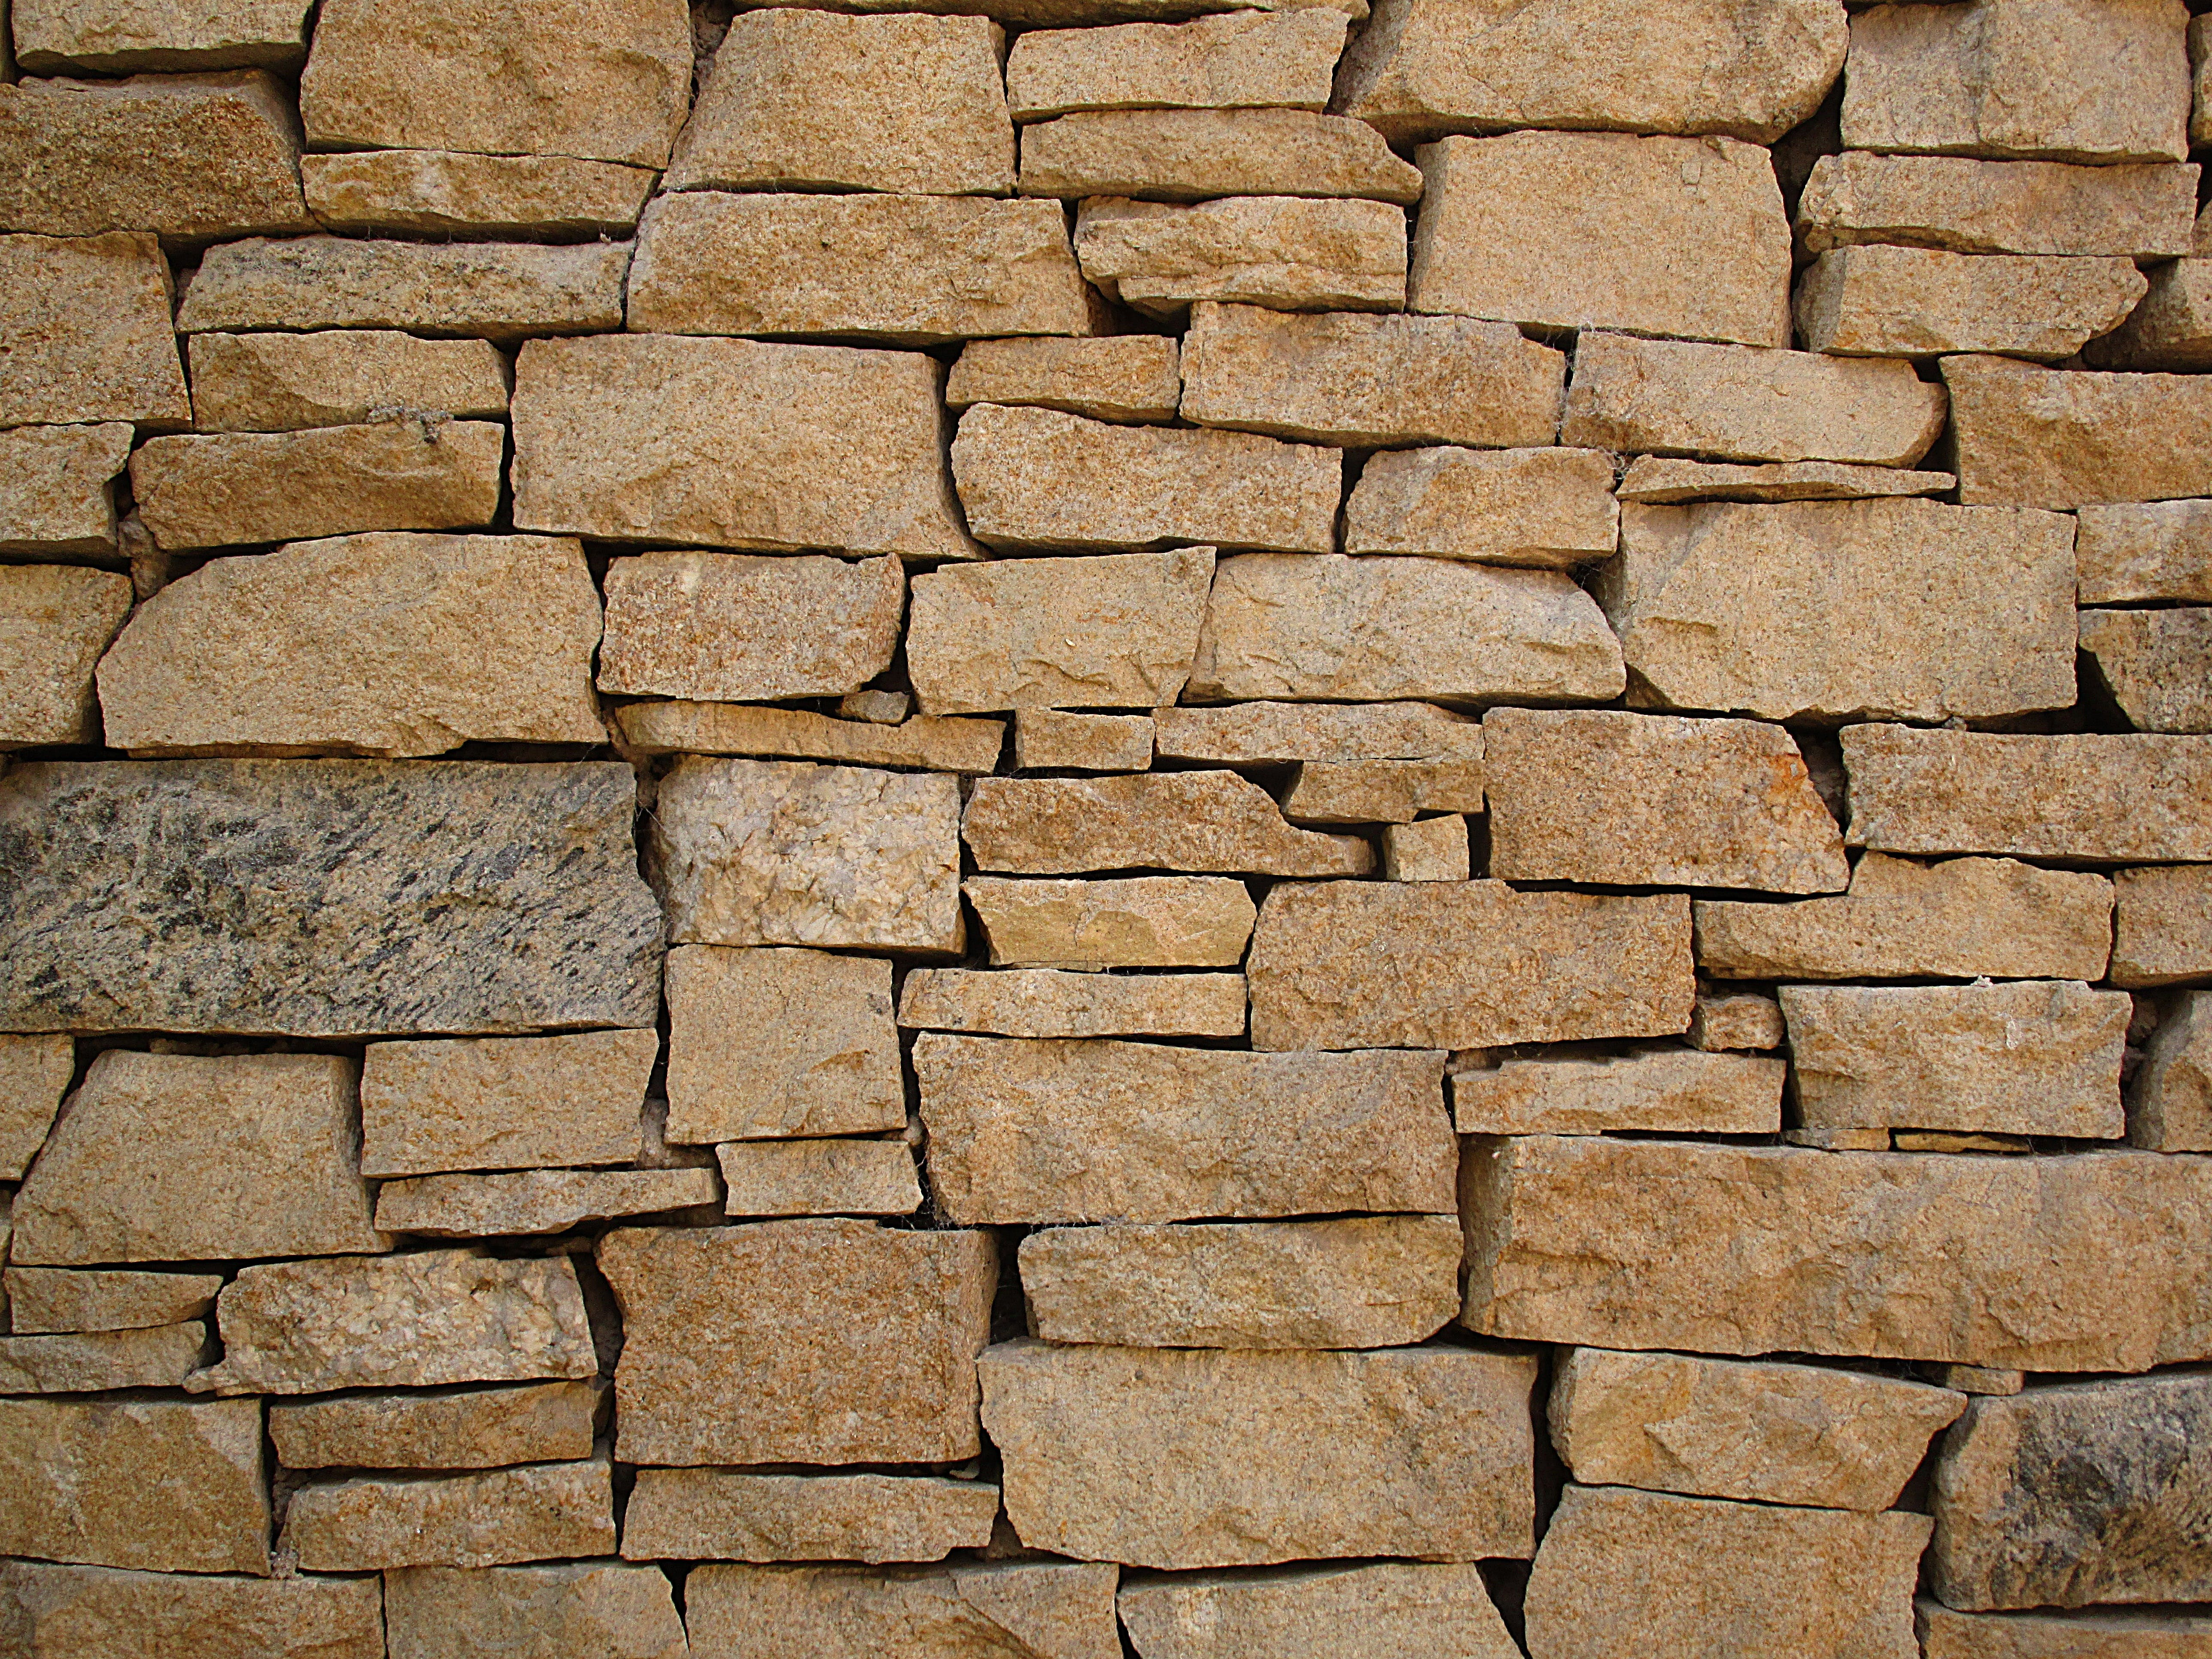 圖案, 建設, 牆壁, 石牆 的